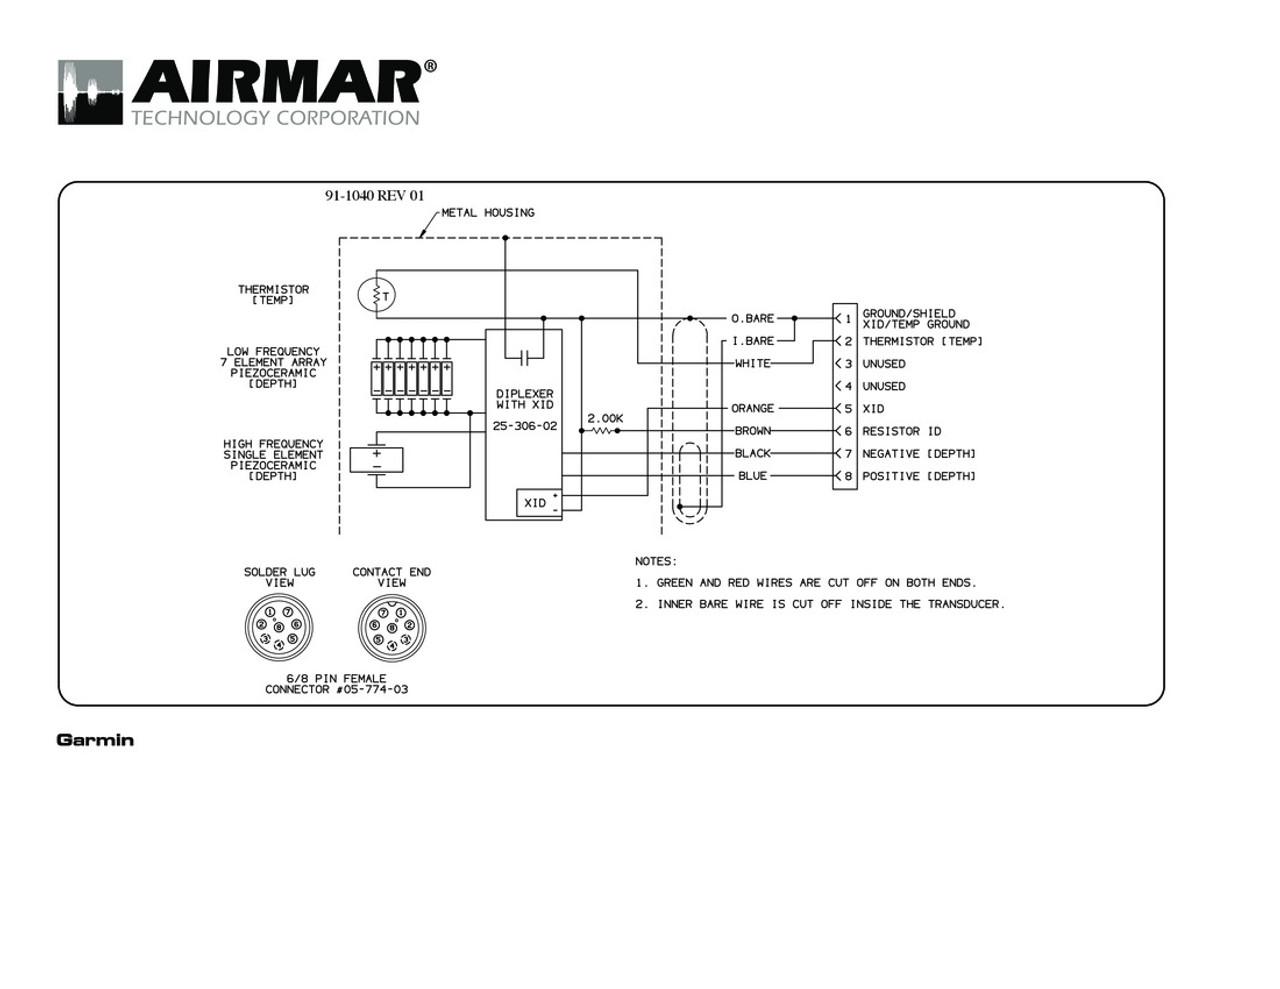 Wiring Diagram Garmin Etrex 30 - Schema Wiring Diagram on